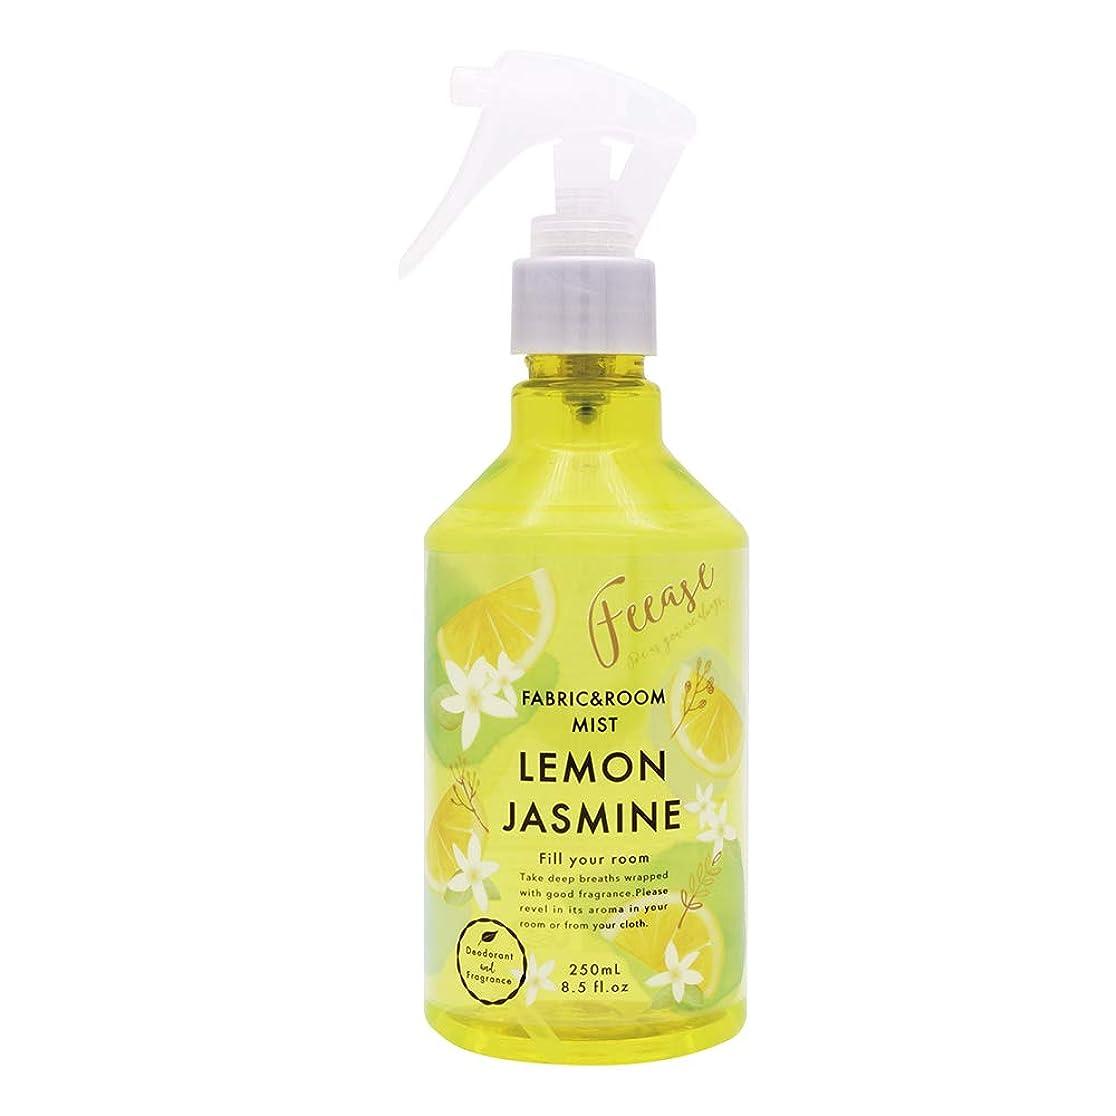 オート迷路検出するノルコーポレーション ルーム&ファブリックミスト フィース 消臭成分配合 レモンジャスミンの香り 250ml OA-FEE-1-3